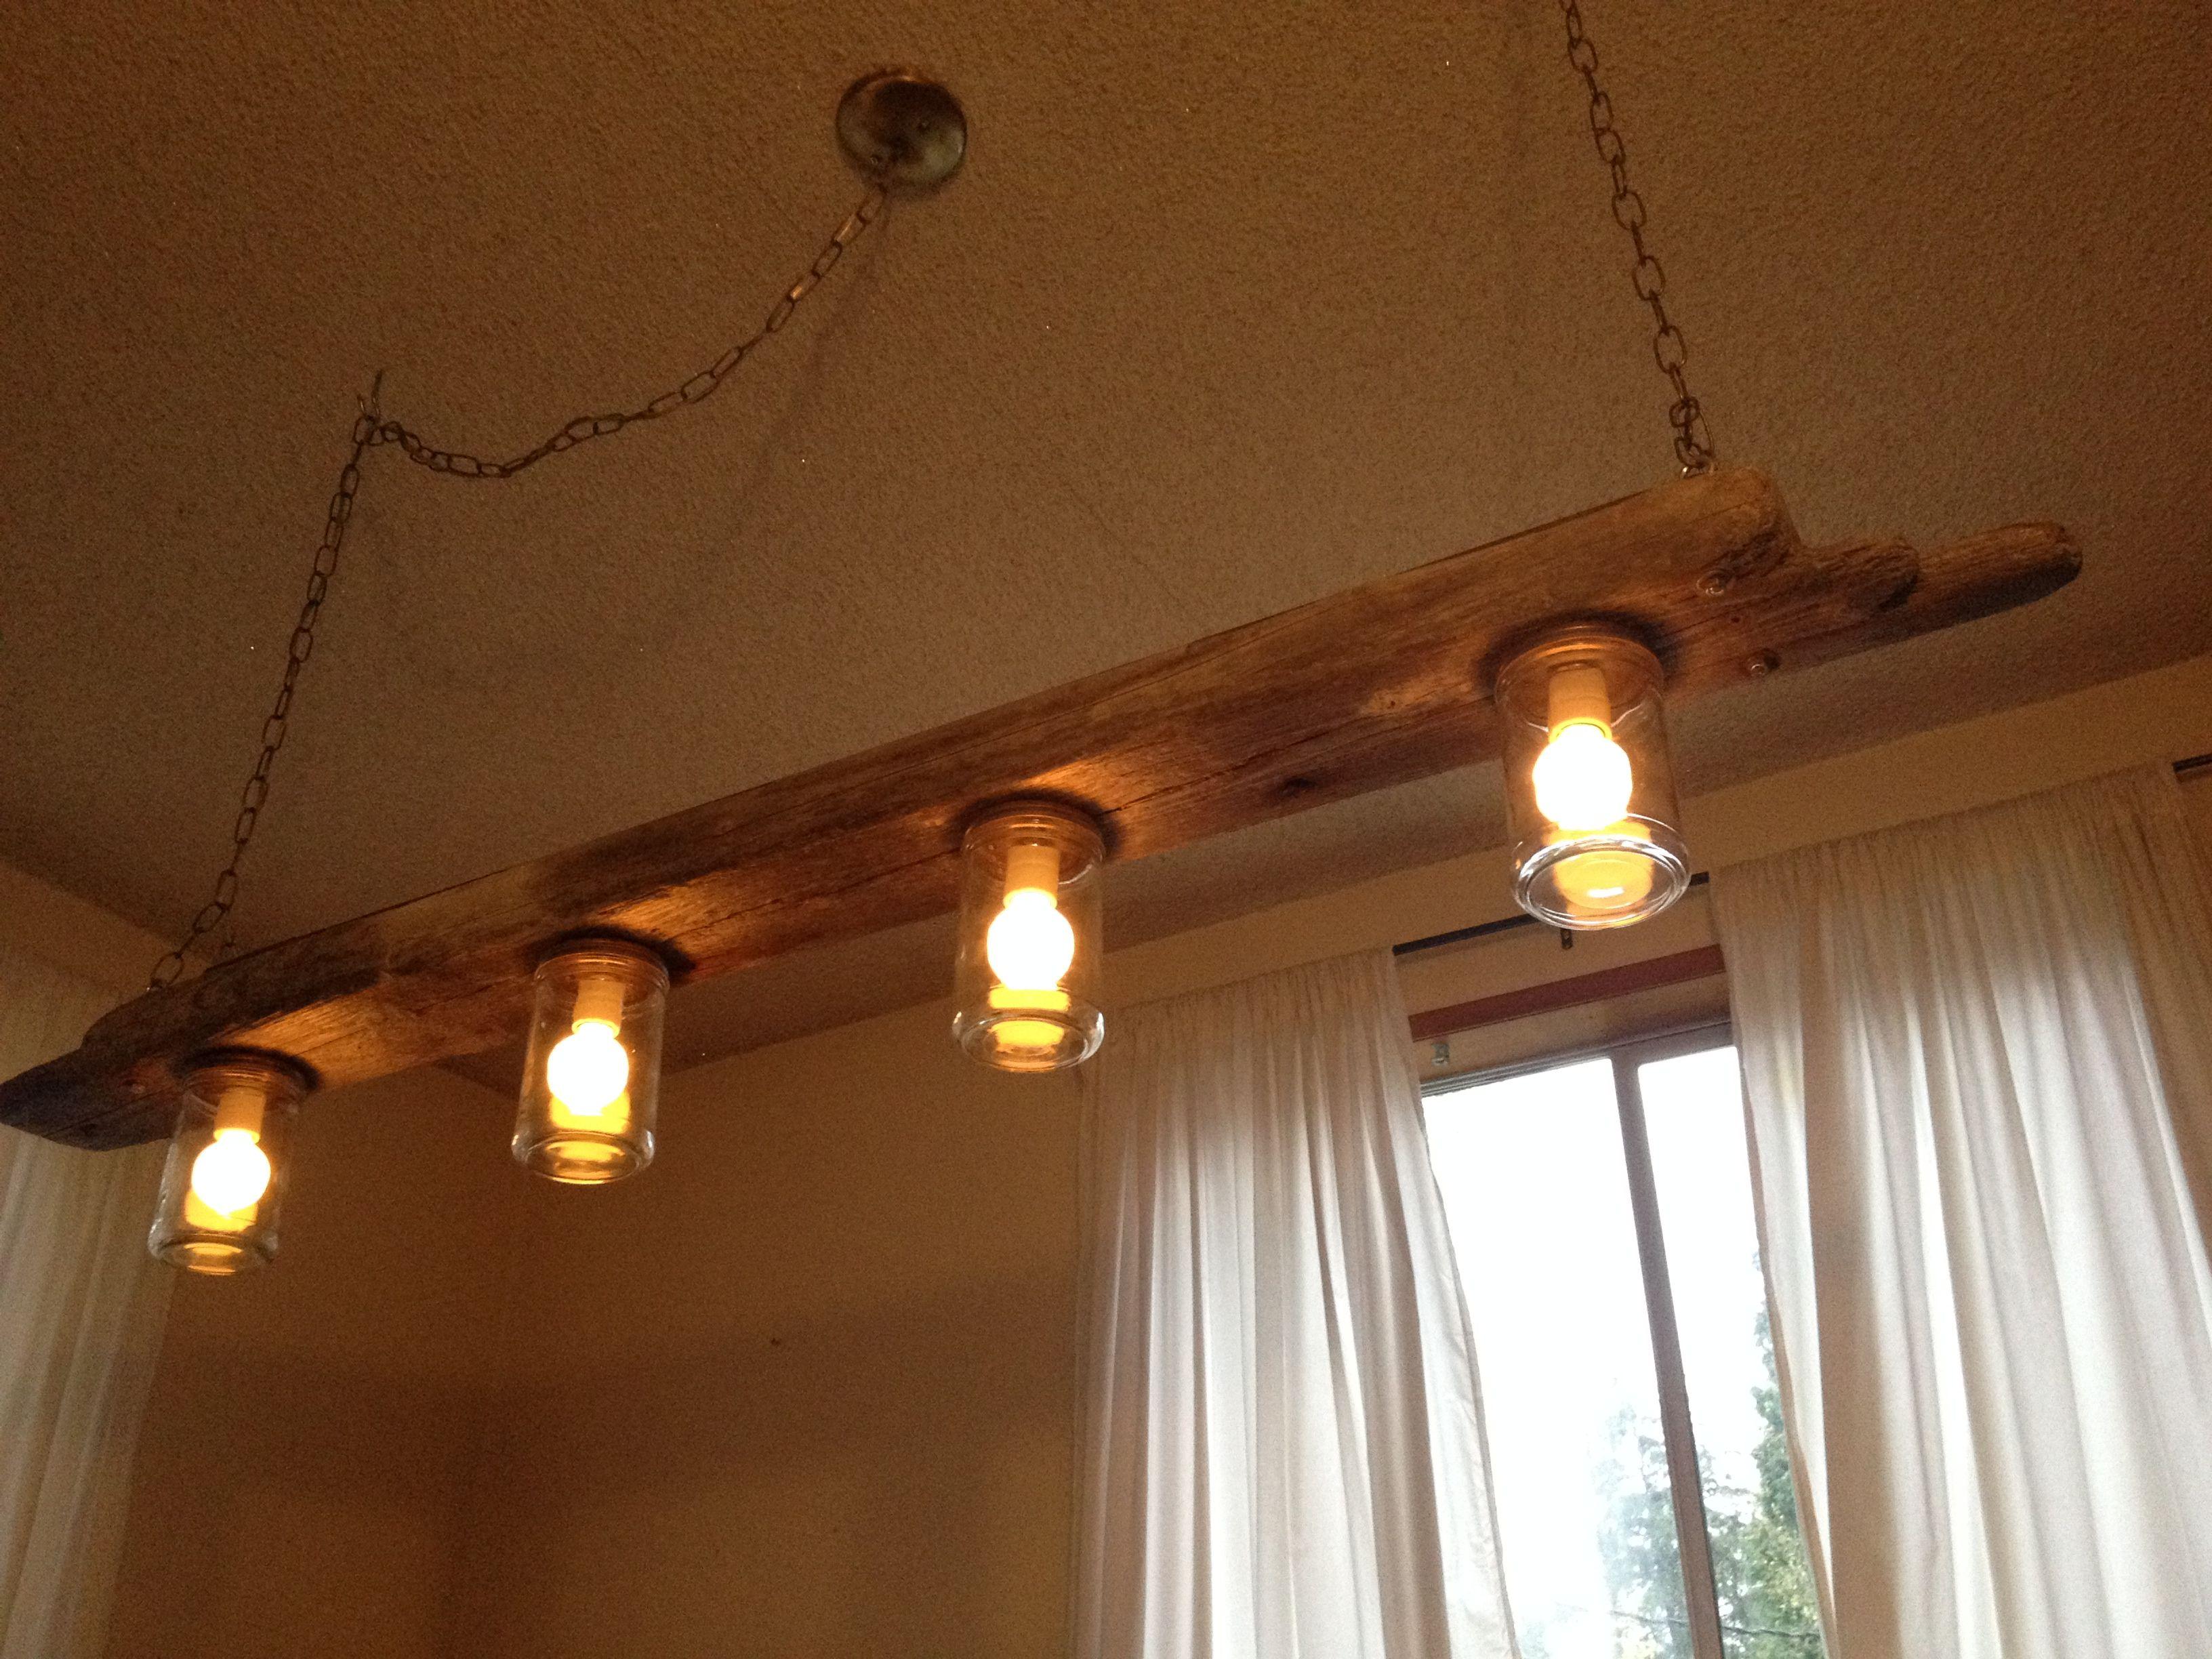 Drift Wood Pendant Light Https Www Etsy Com Shop Fransarstudio